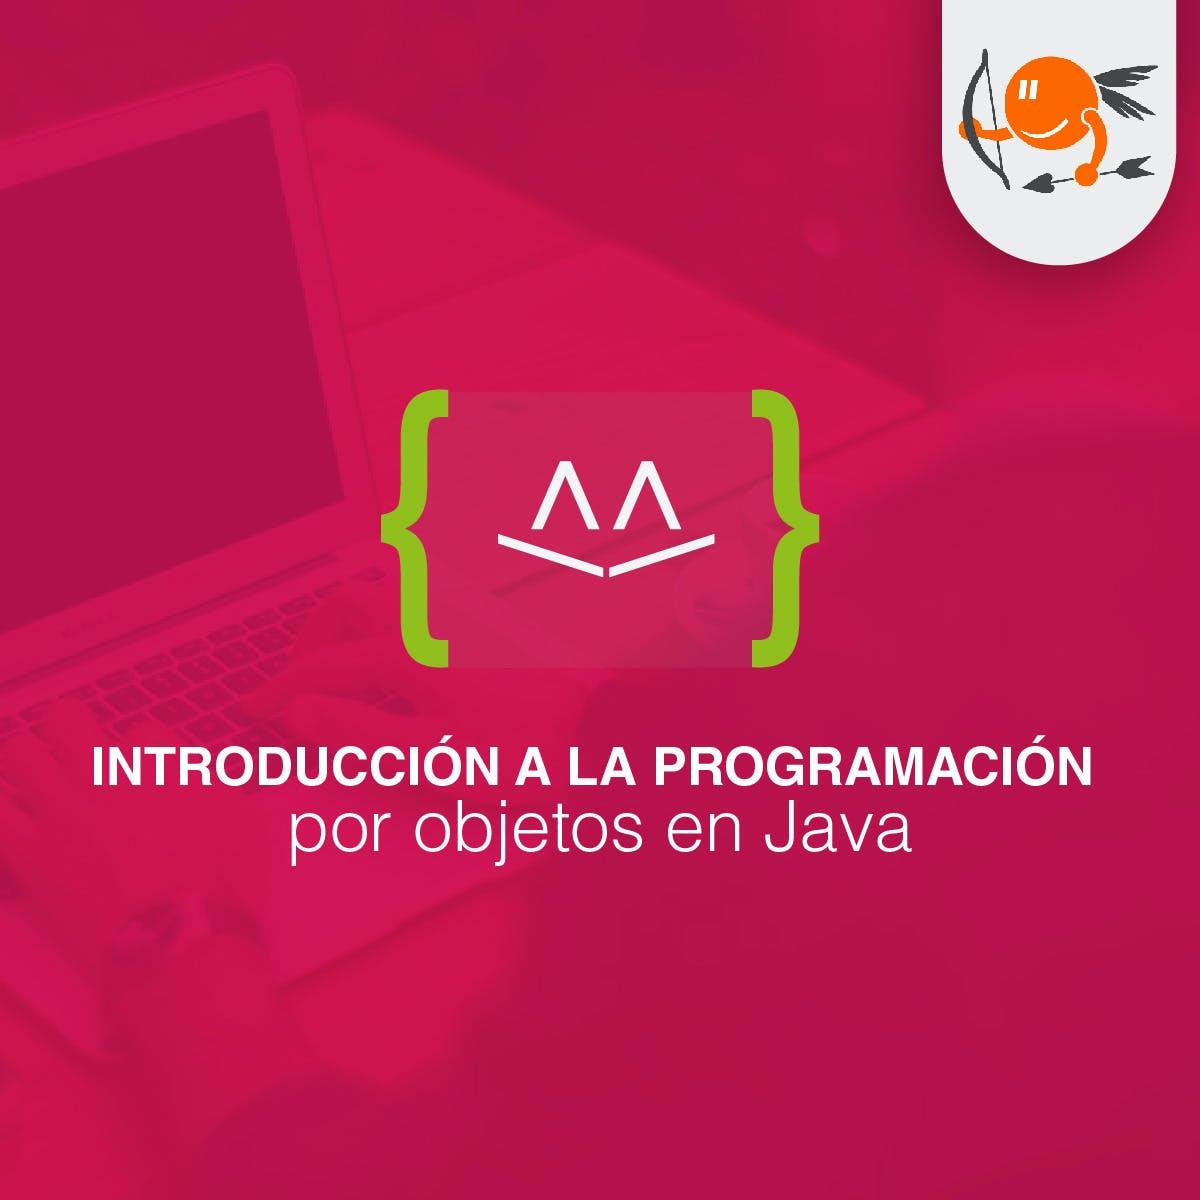 Introducción a la programación por objetos en Java